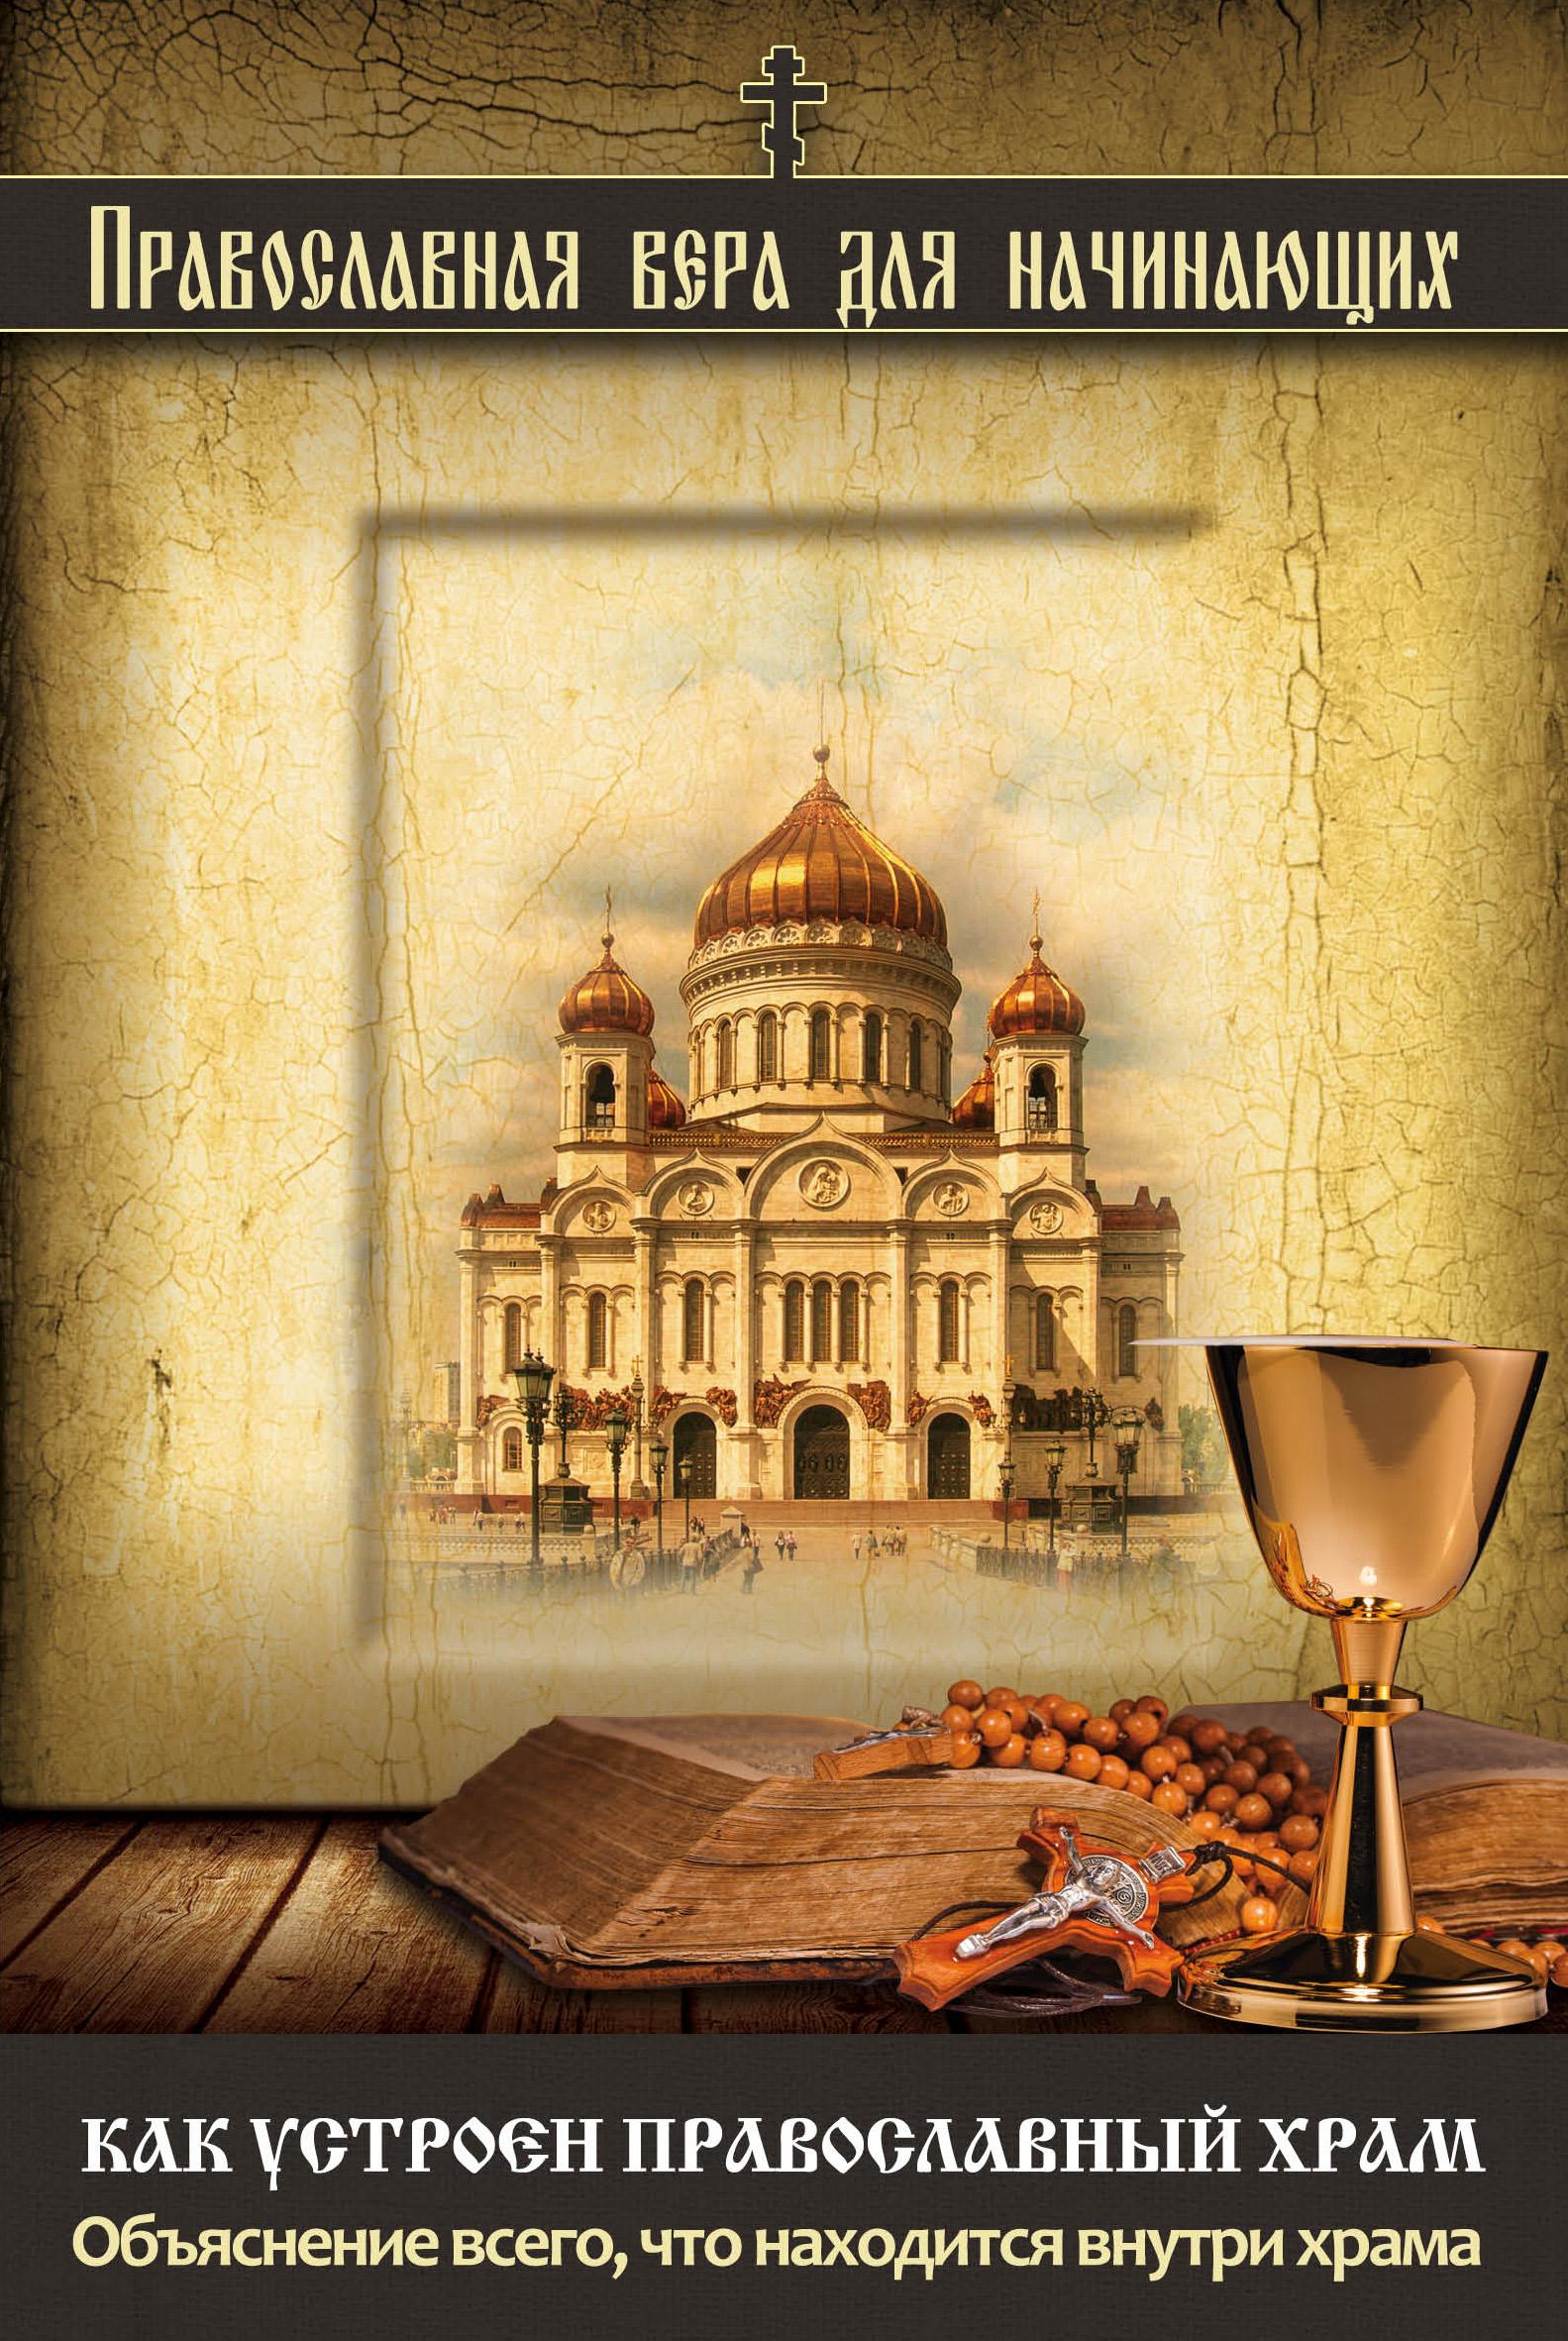 Как устроен православный храм: Объяснение всего, что находится внутри храма катасонов валентин юрьевич иерусалимский храм как финансовый центр